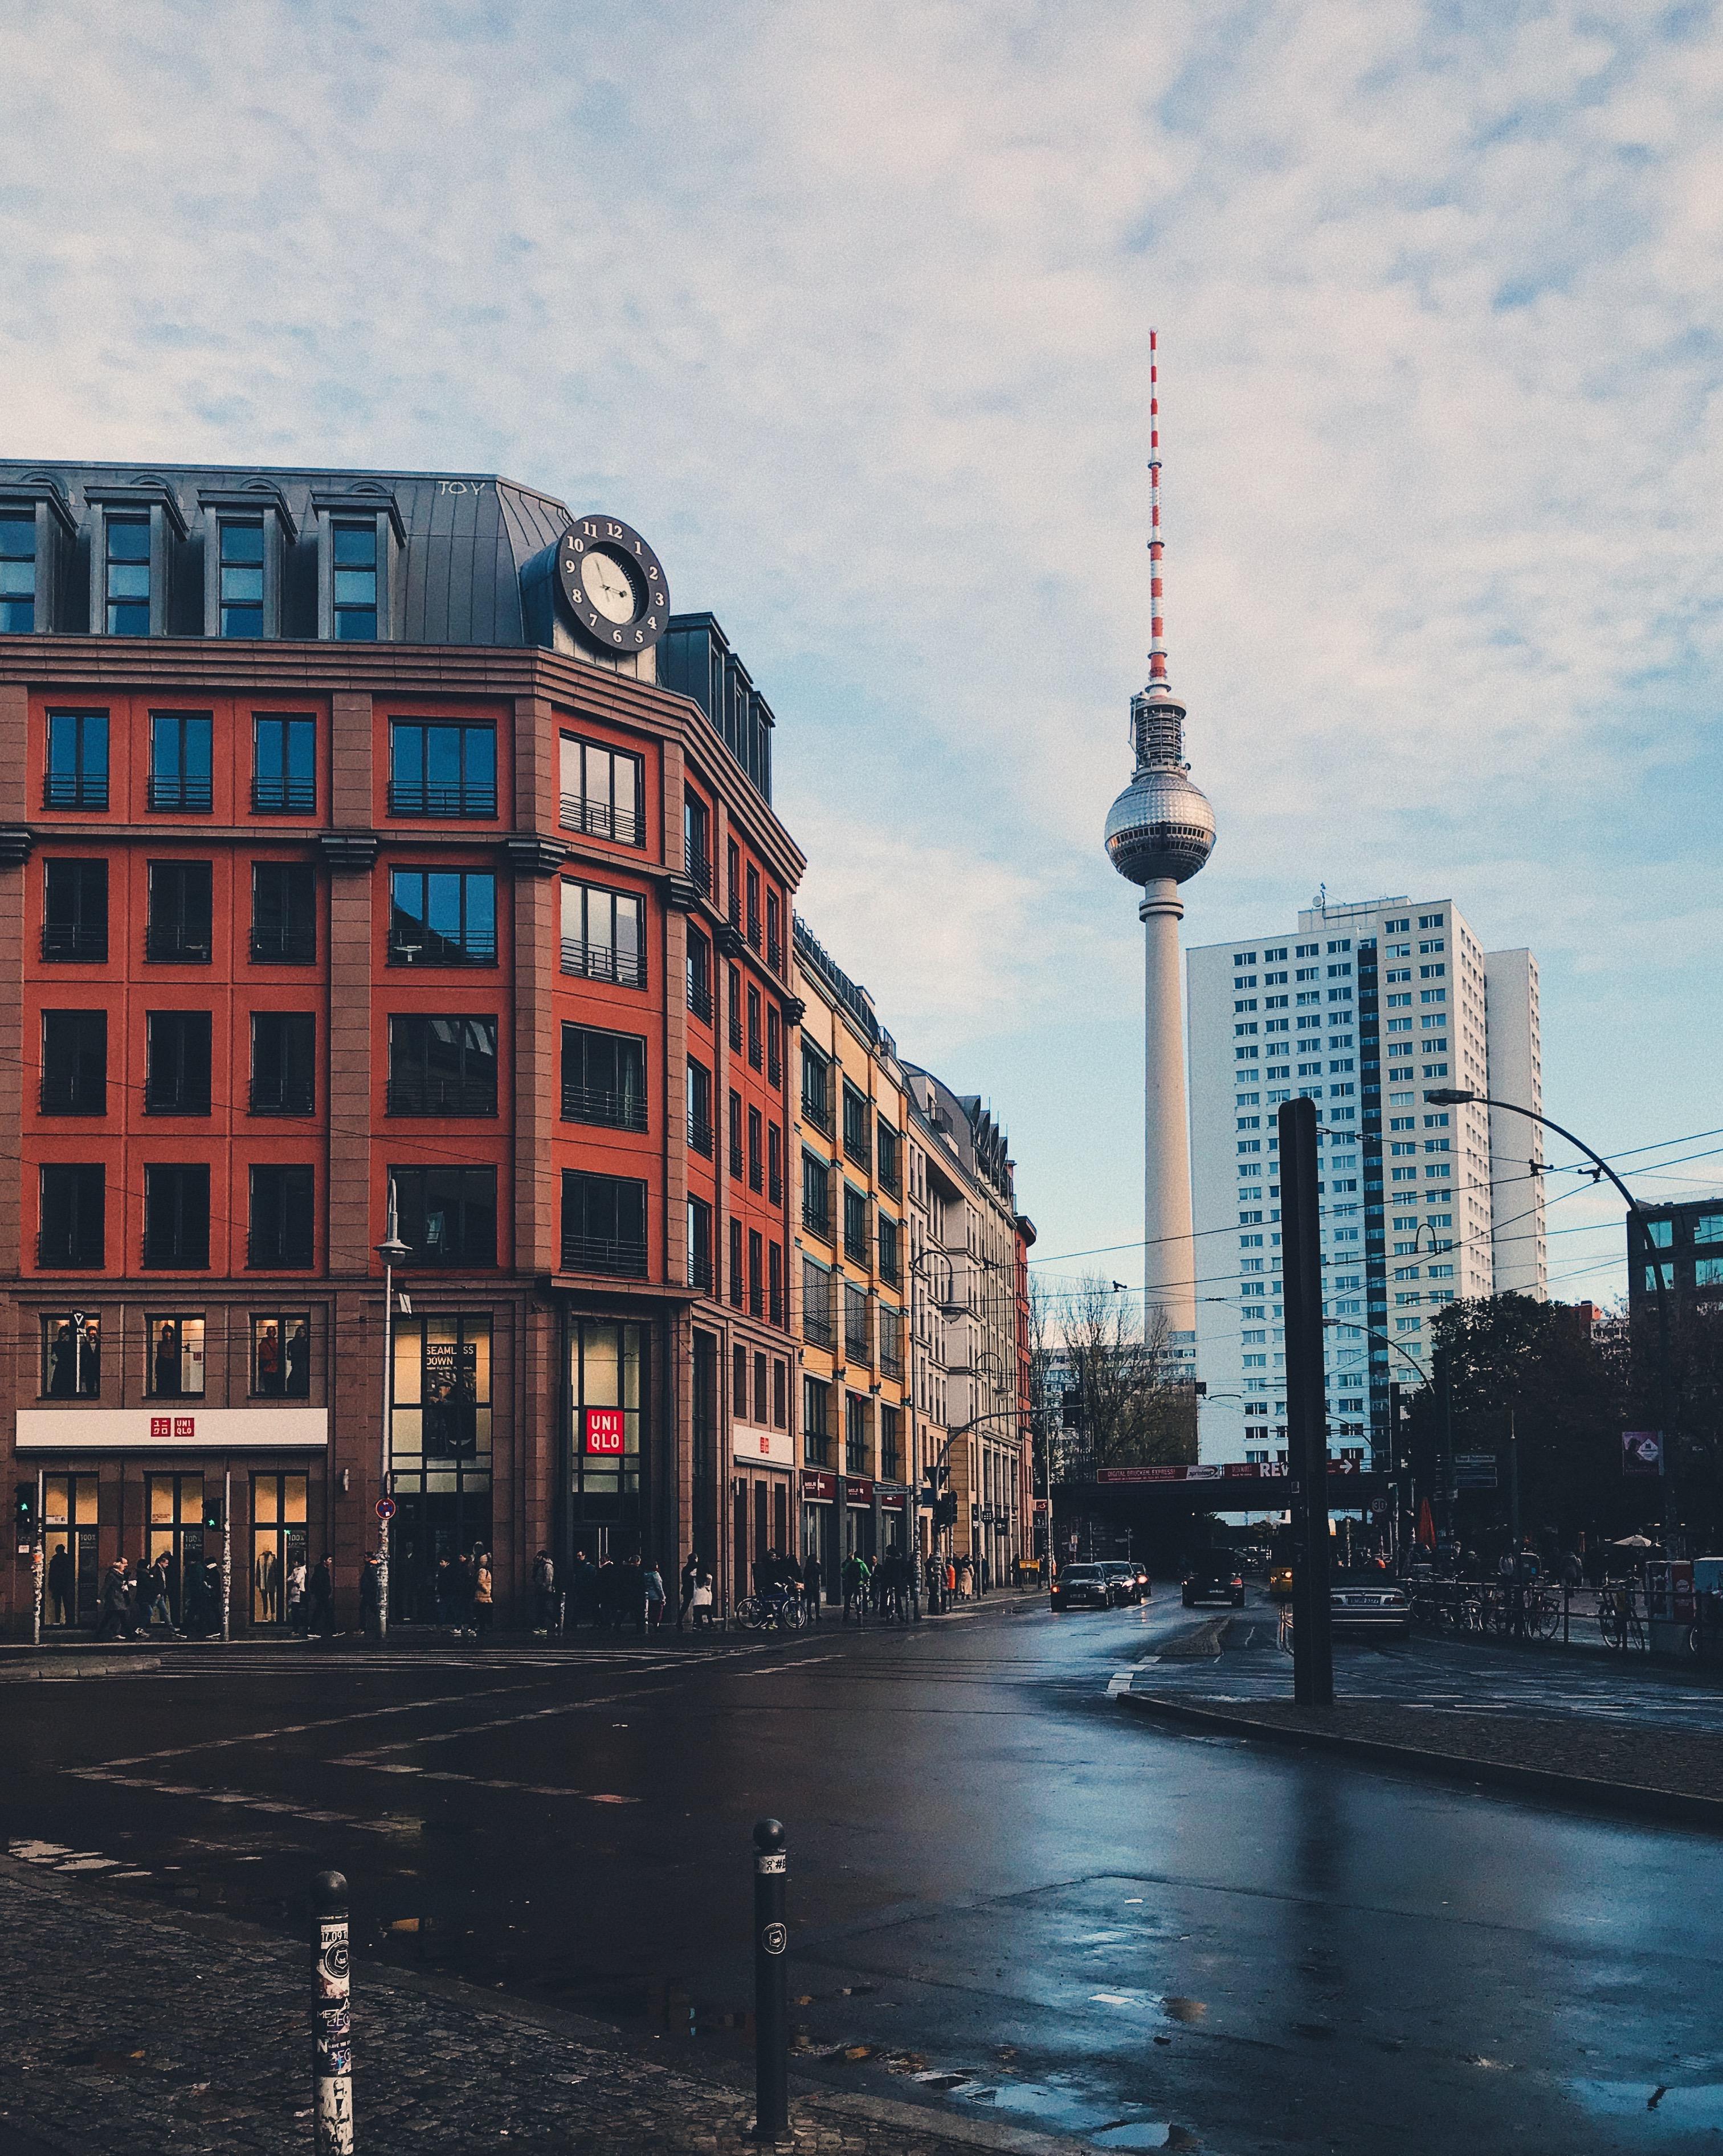 Berlin by Elias Julian alias = elias